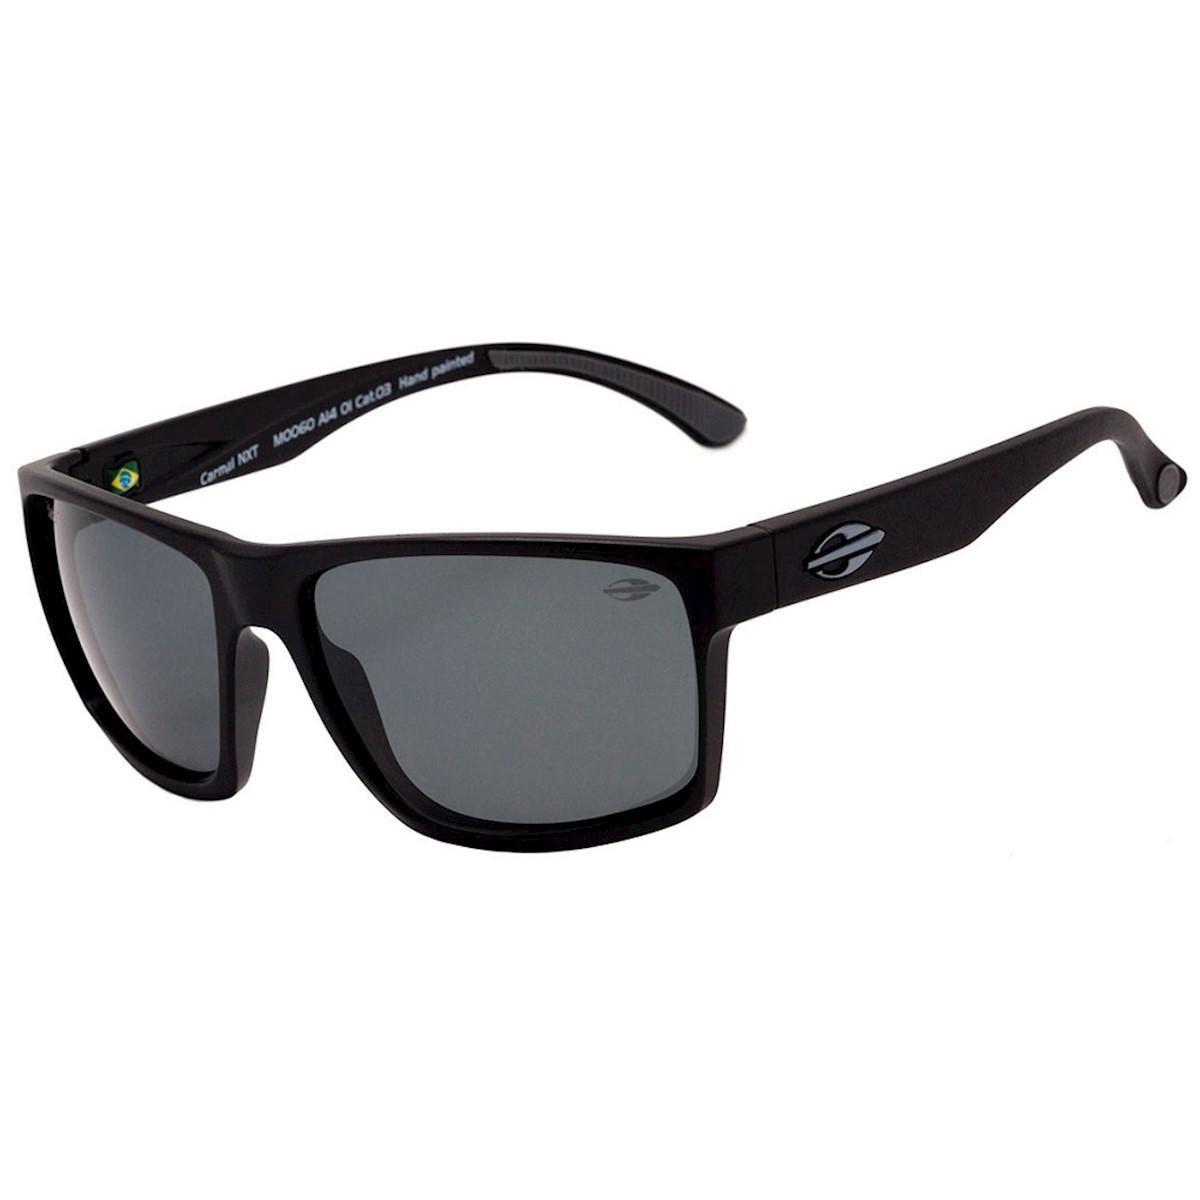 a7f82b7242aa5 Óculos de Sol Mormaii Carmel Masculino - Preto - Compre Agora